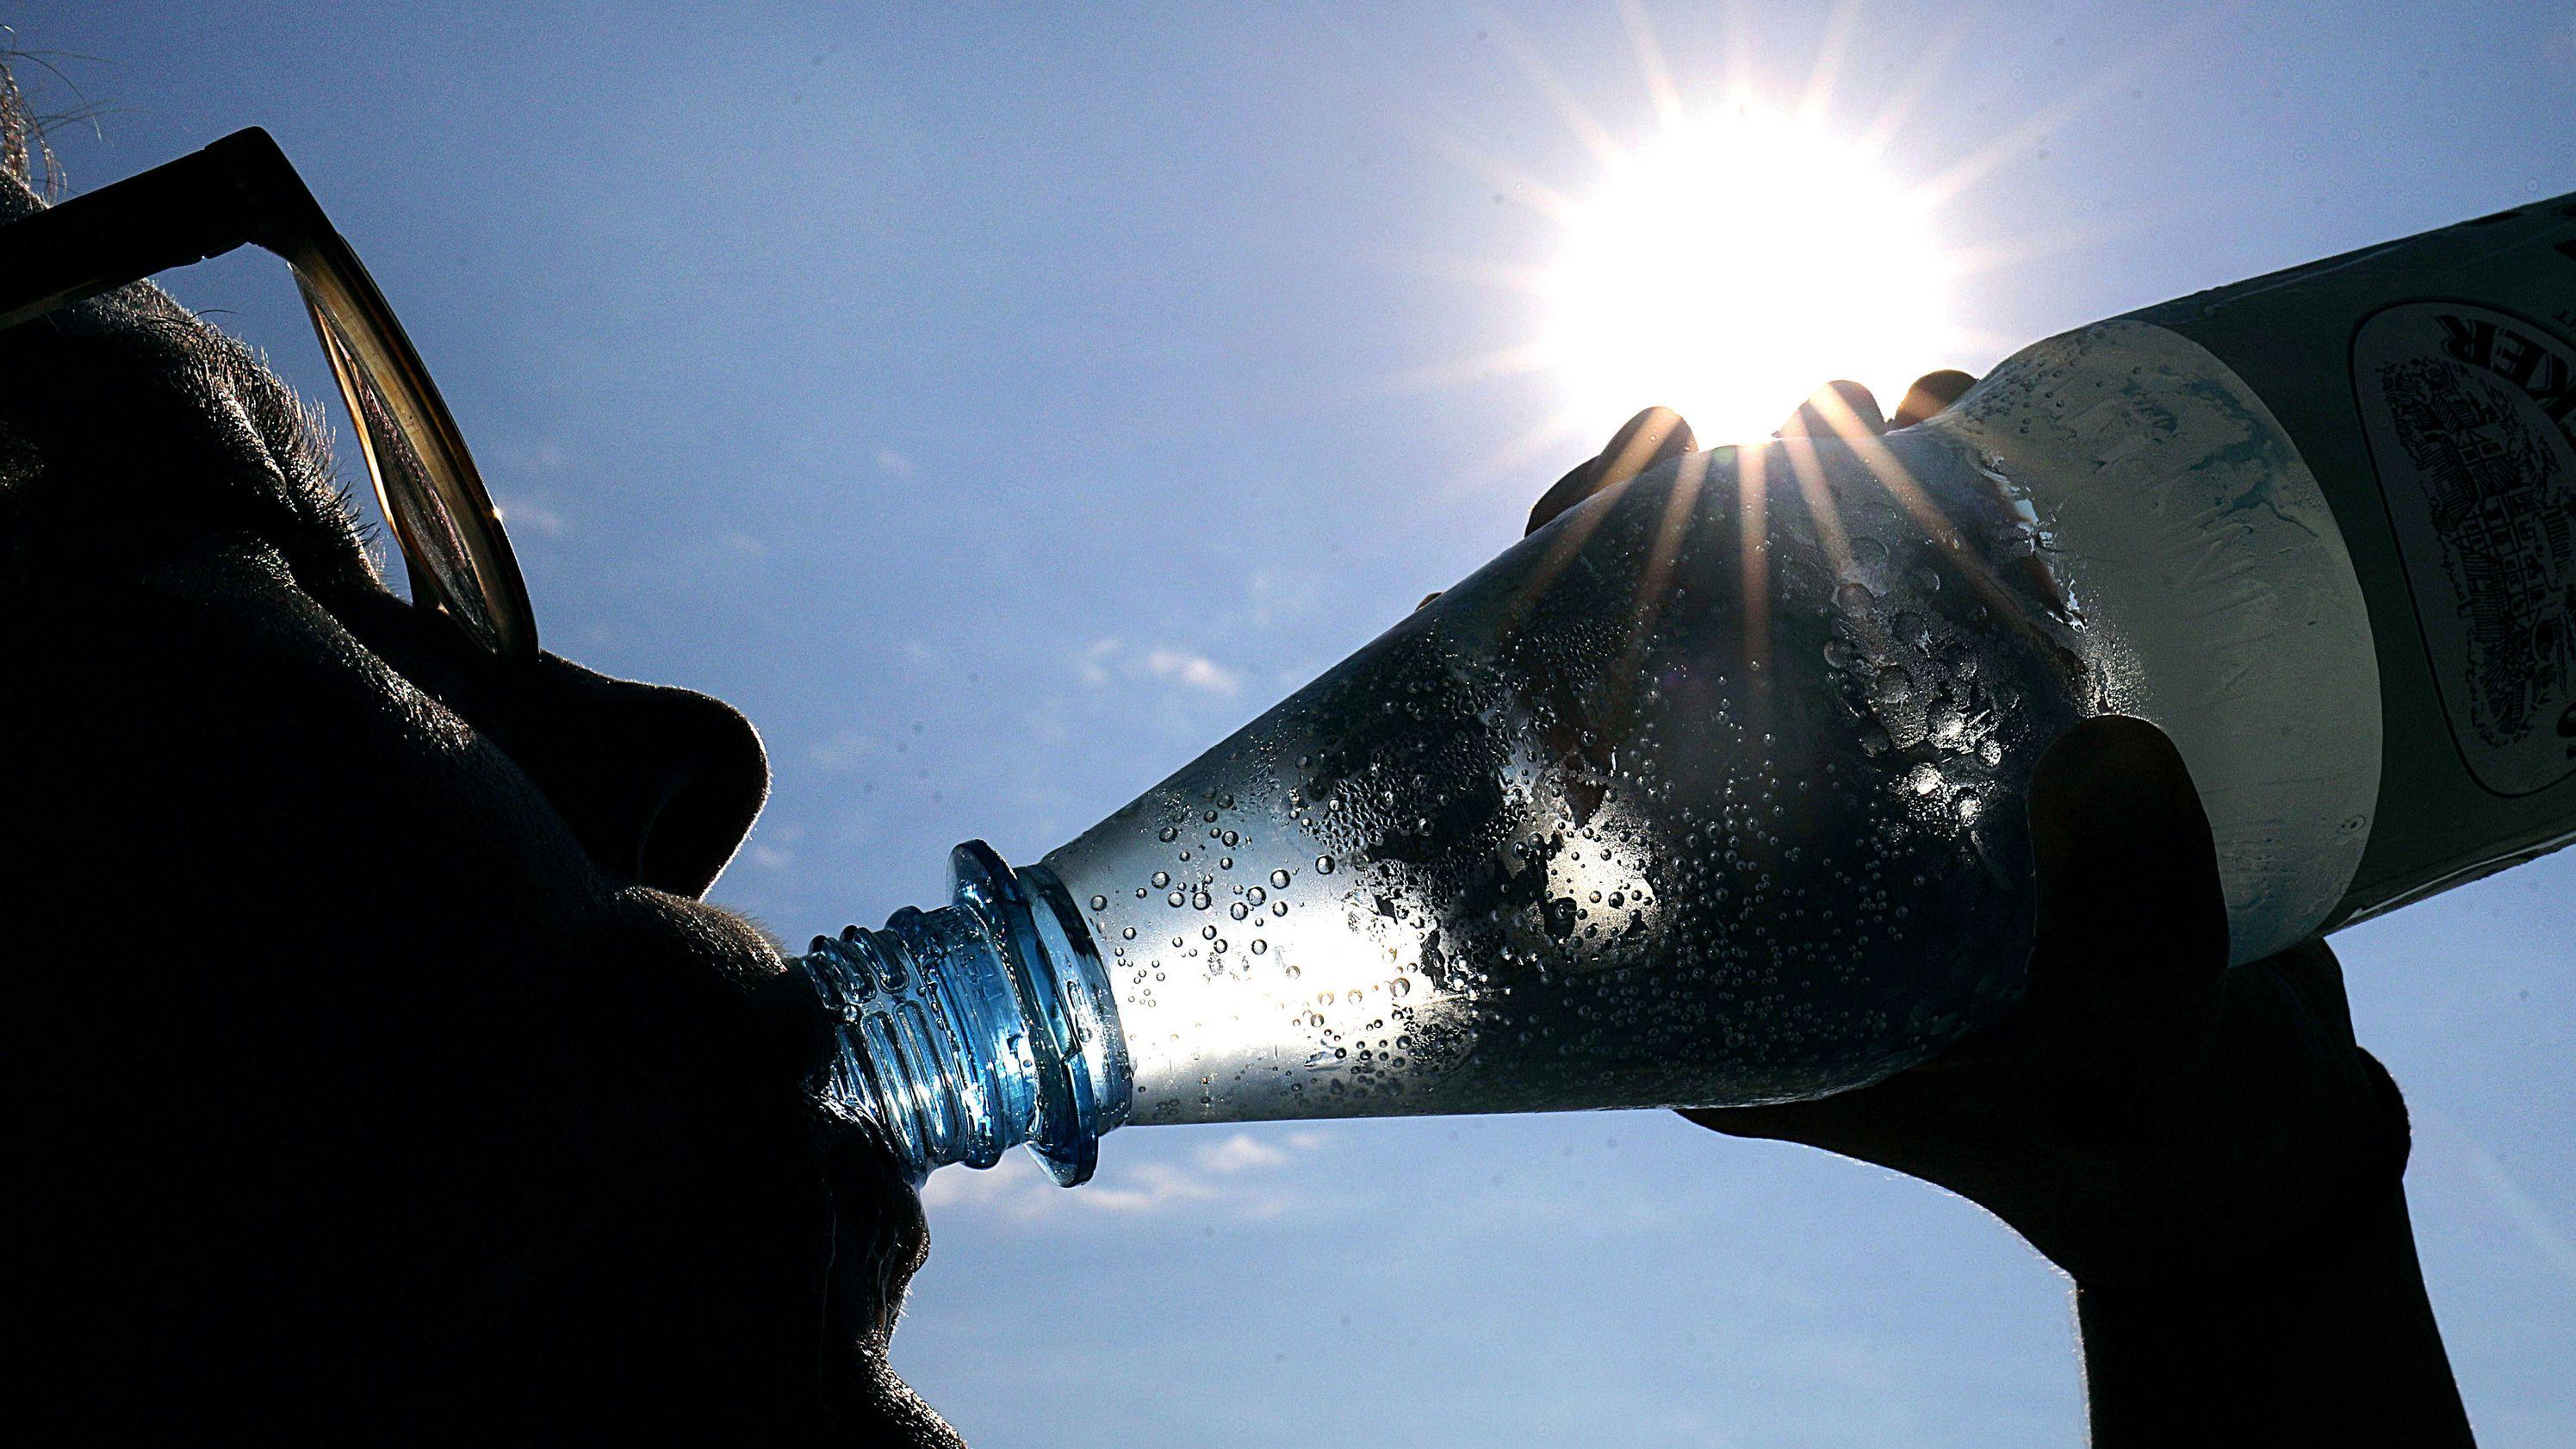 Getränke eiskalt trinken, das ist ein Mythos im Kampf gegen die Sommerhitze.